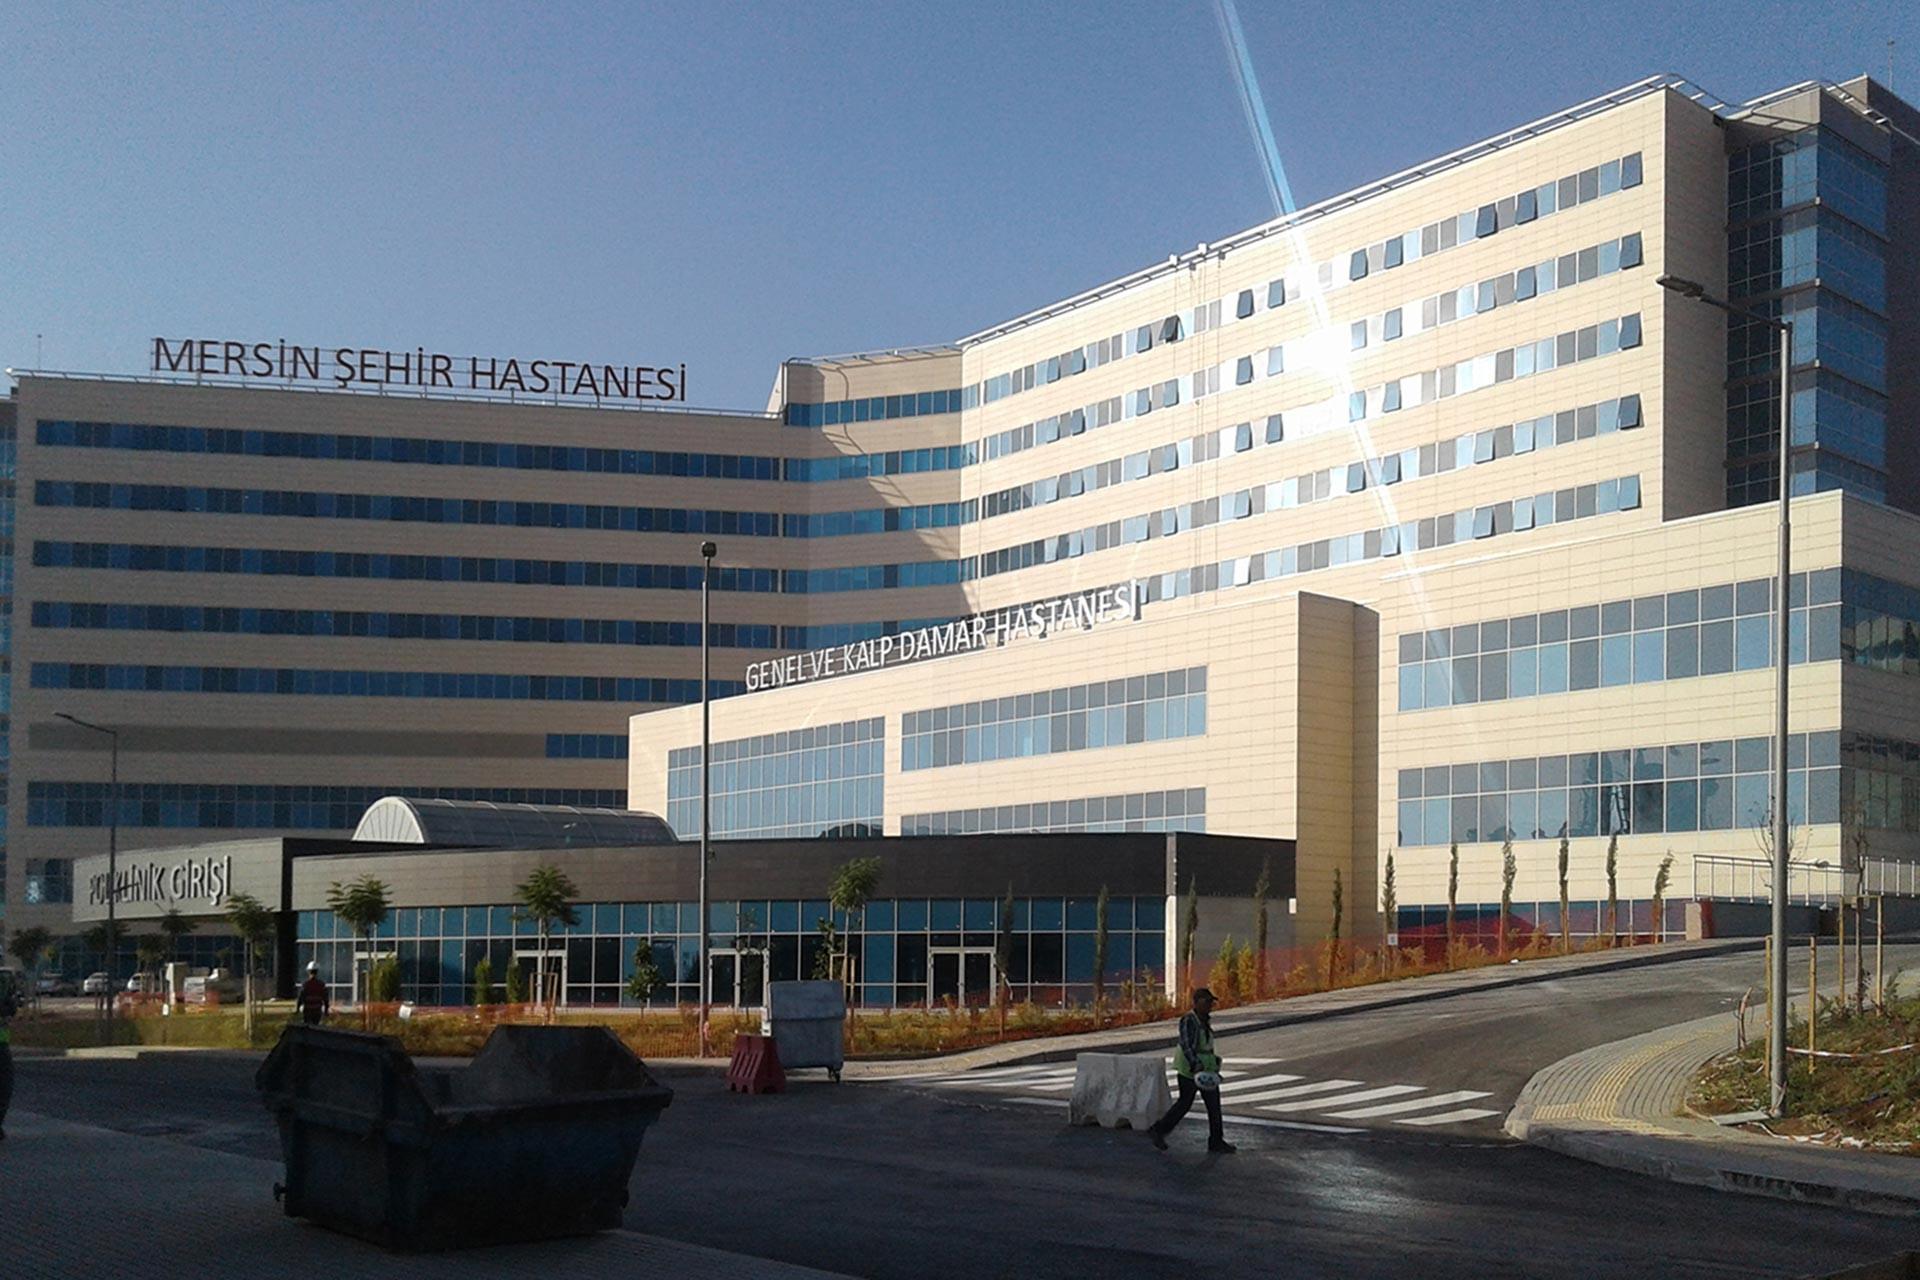 Mersin Şehir Hastanesi Genel ve Kalp Damar Hastanesinin fotoğrafı